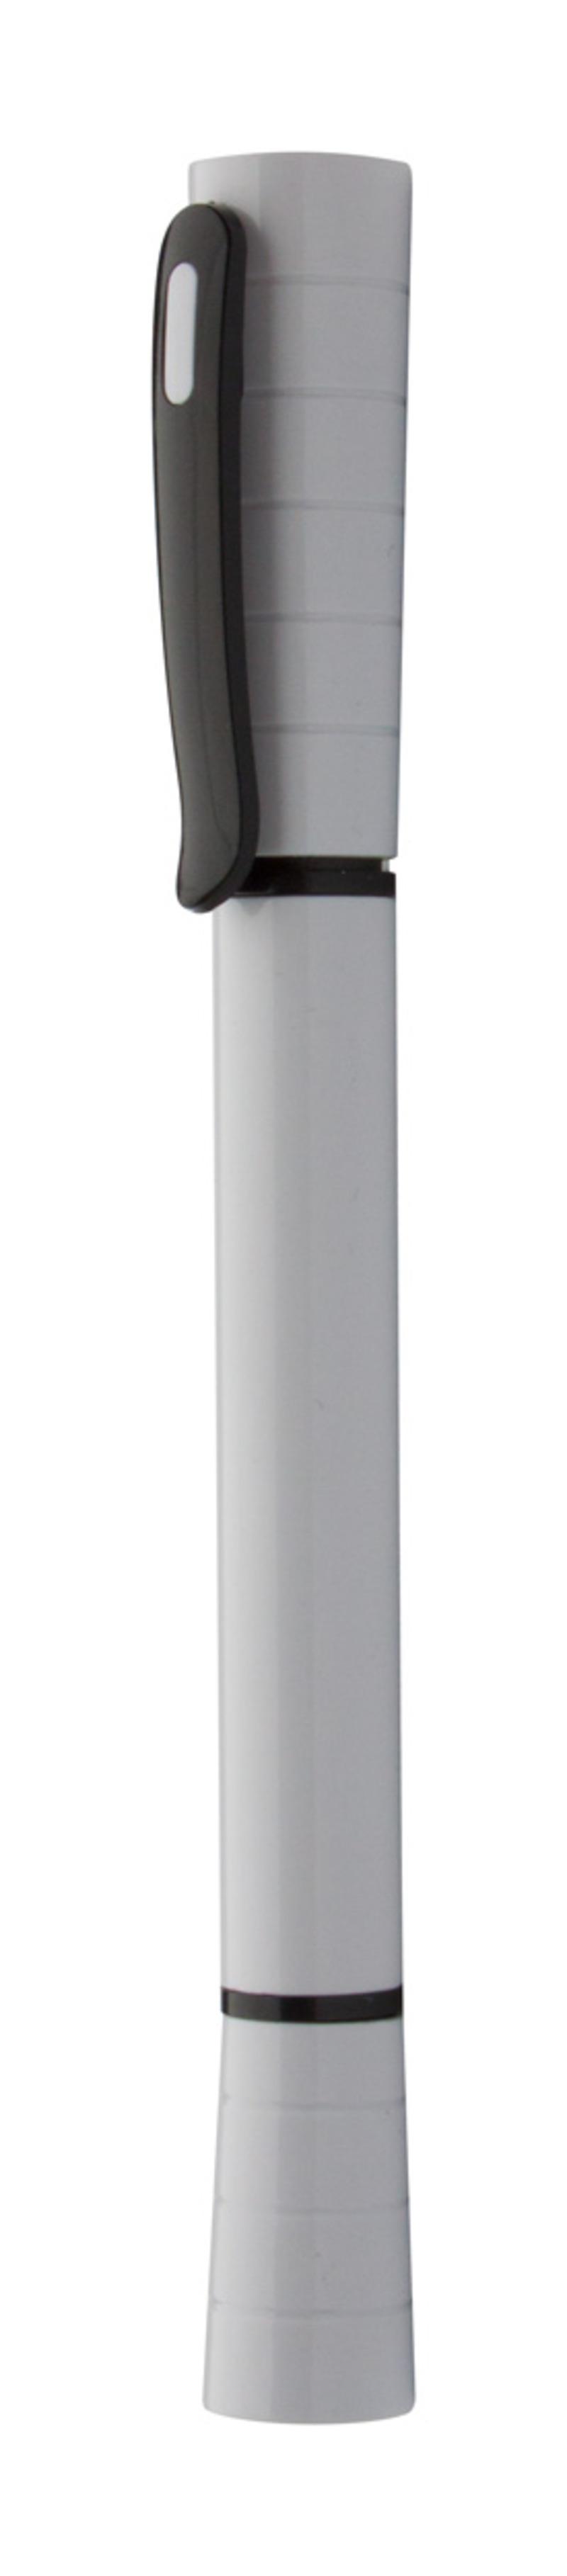 Whiter medical pen